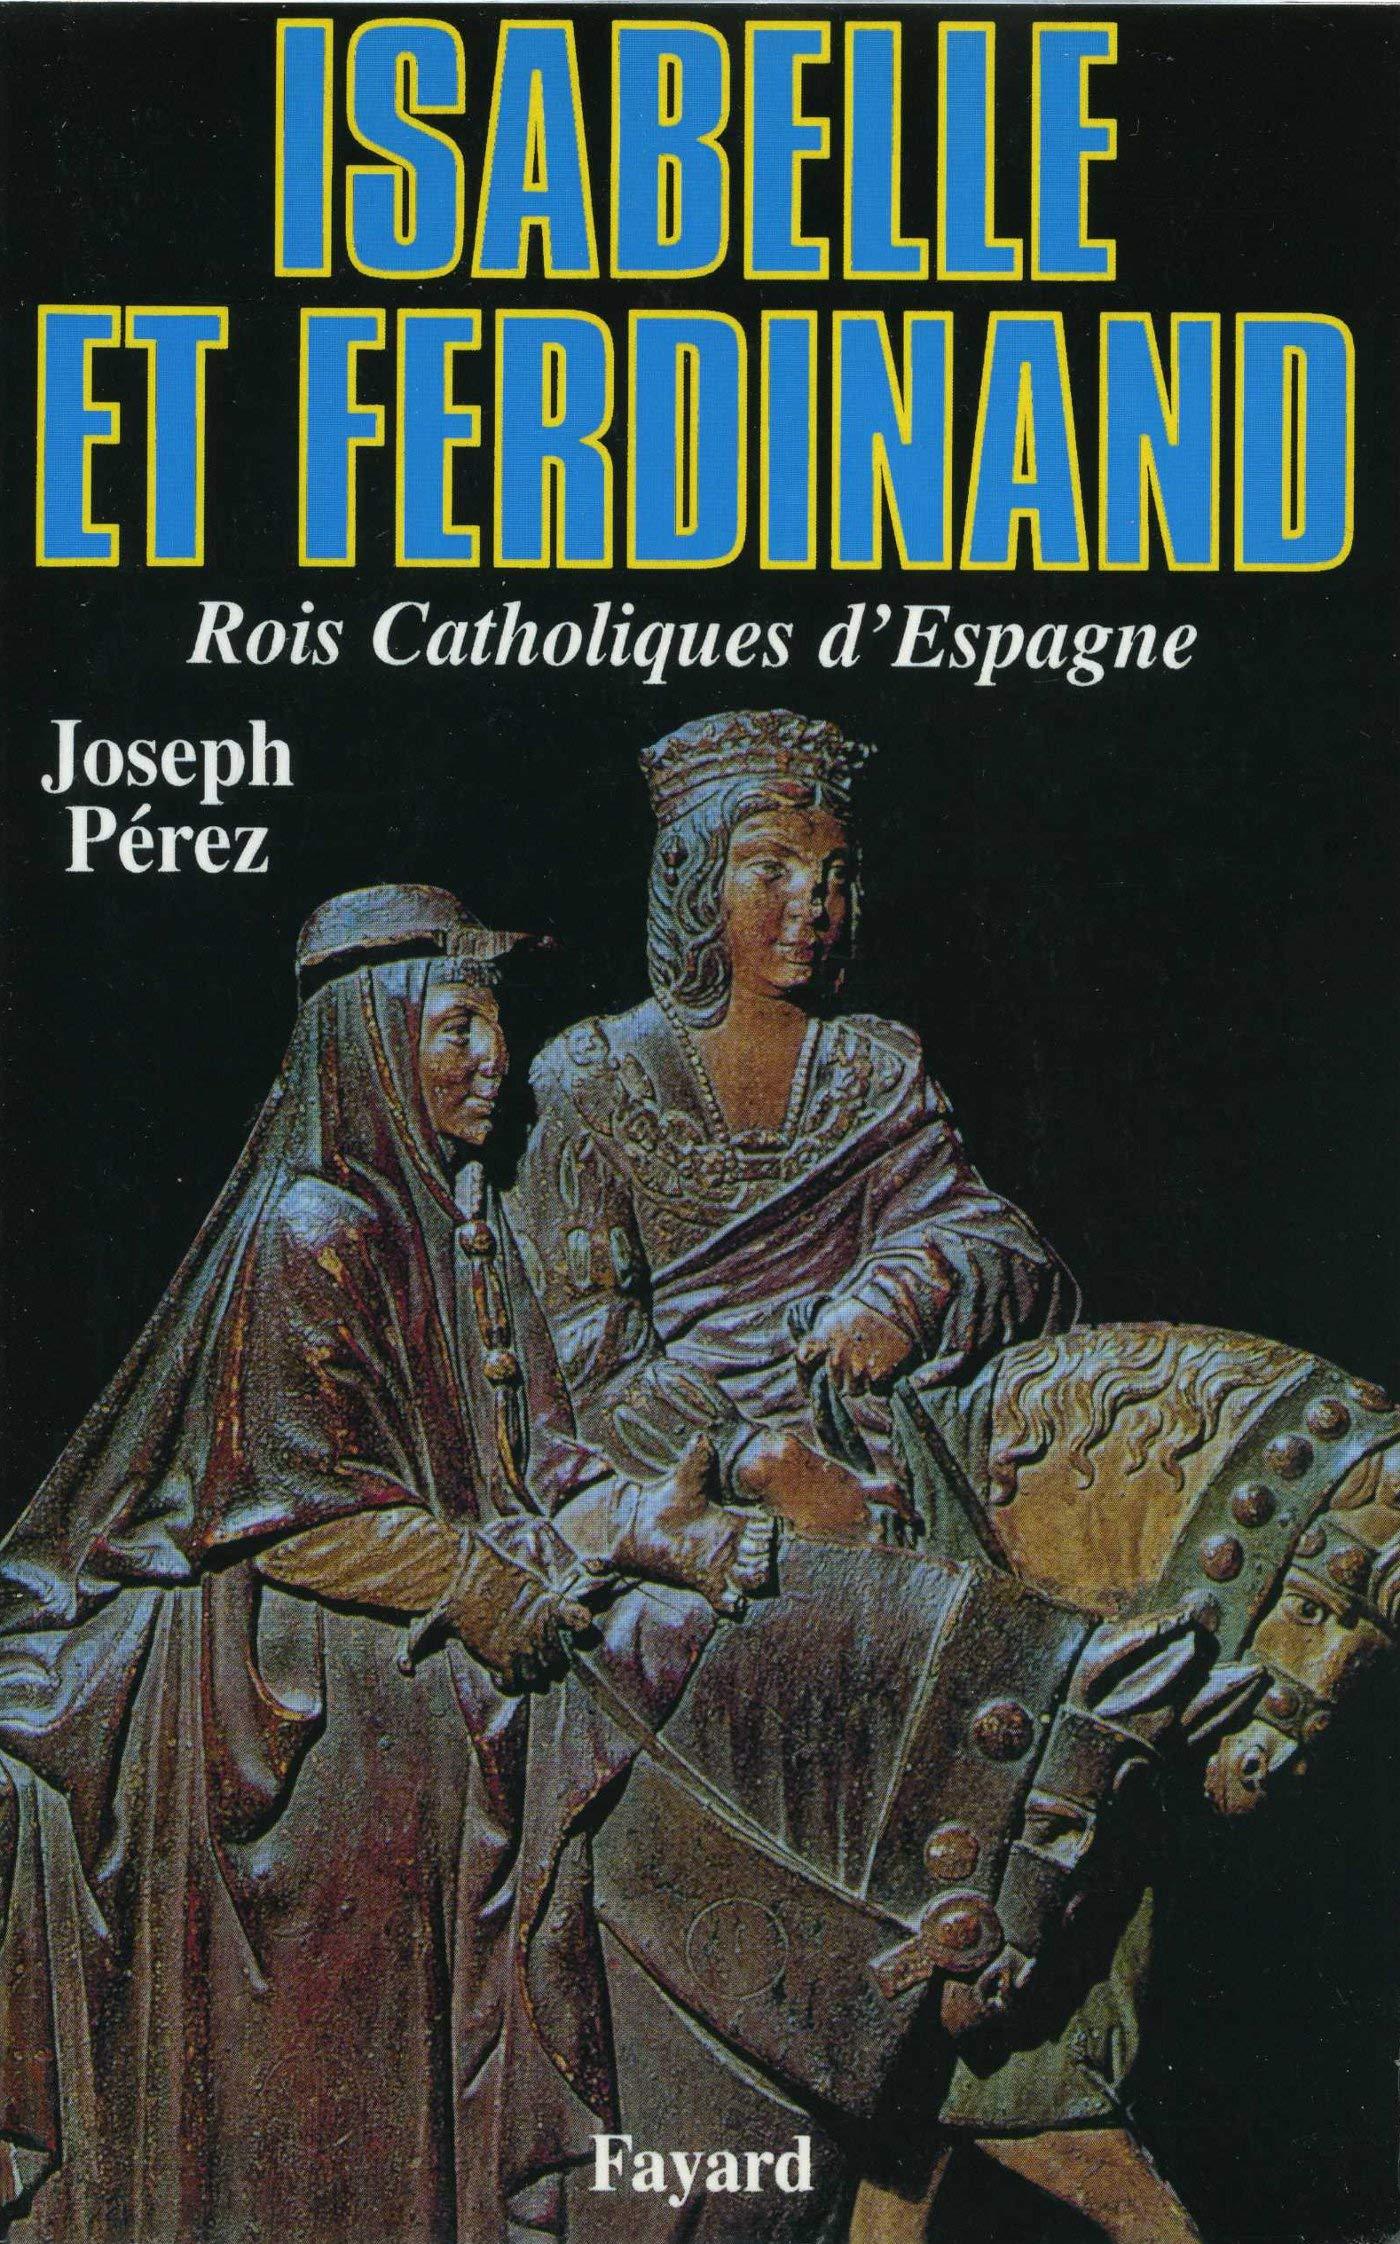 Isabelle et ferdinand - rois catholiques dEspagne Biographies Historiques 65: Amazon.es: Pérez, Joseph: Libros en idiomas extranjeros